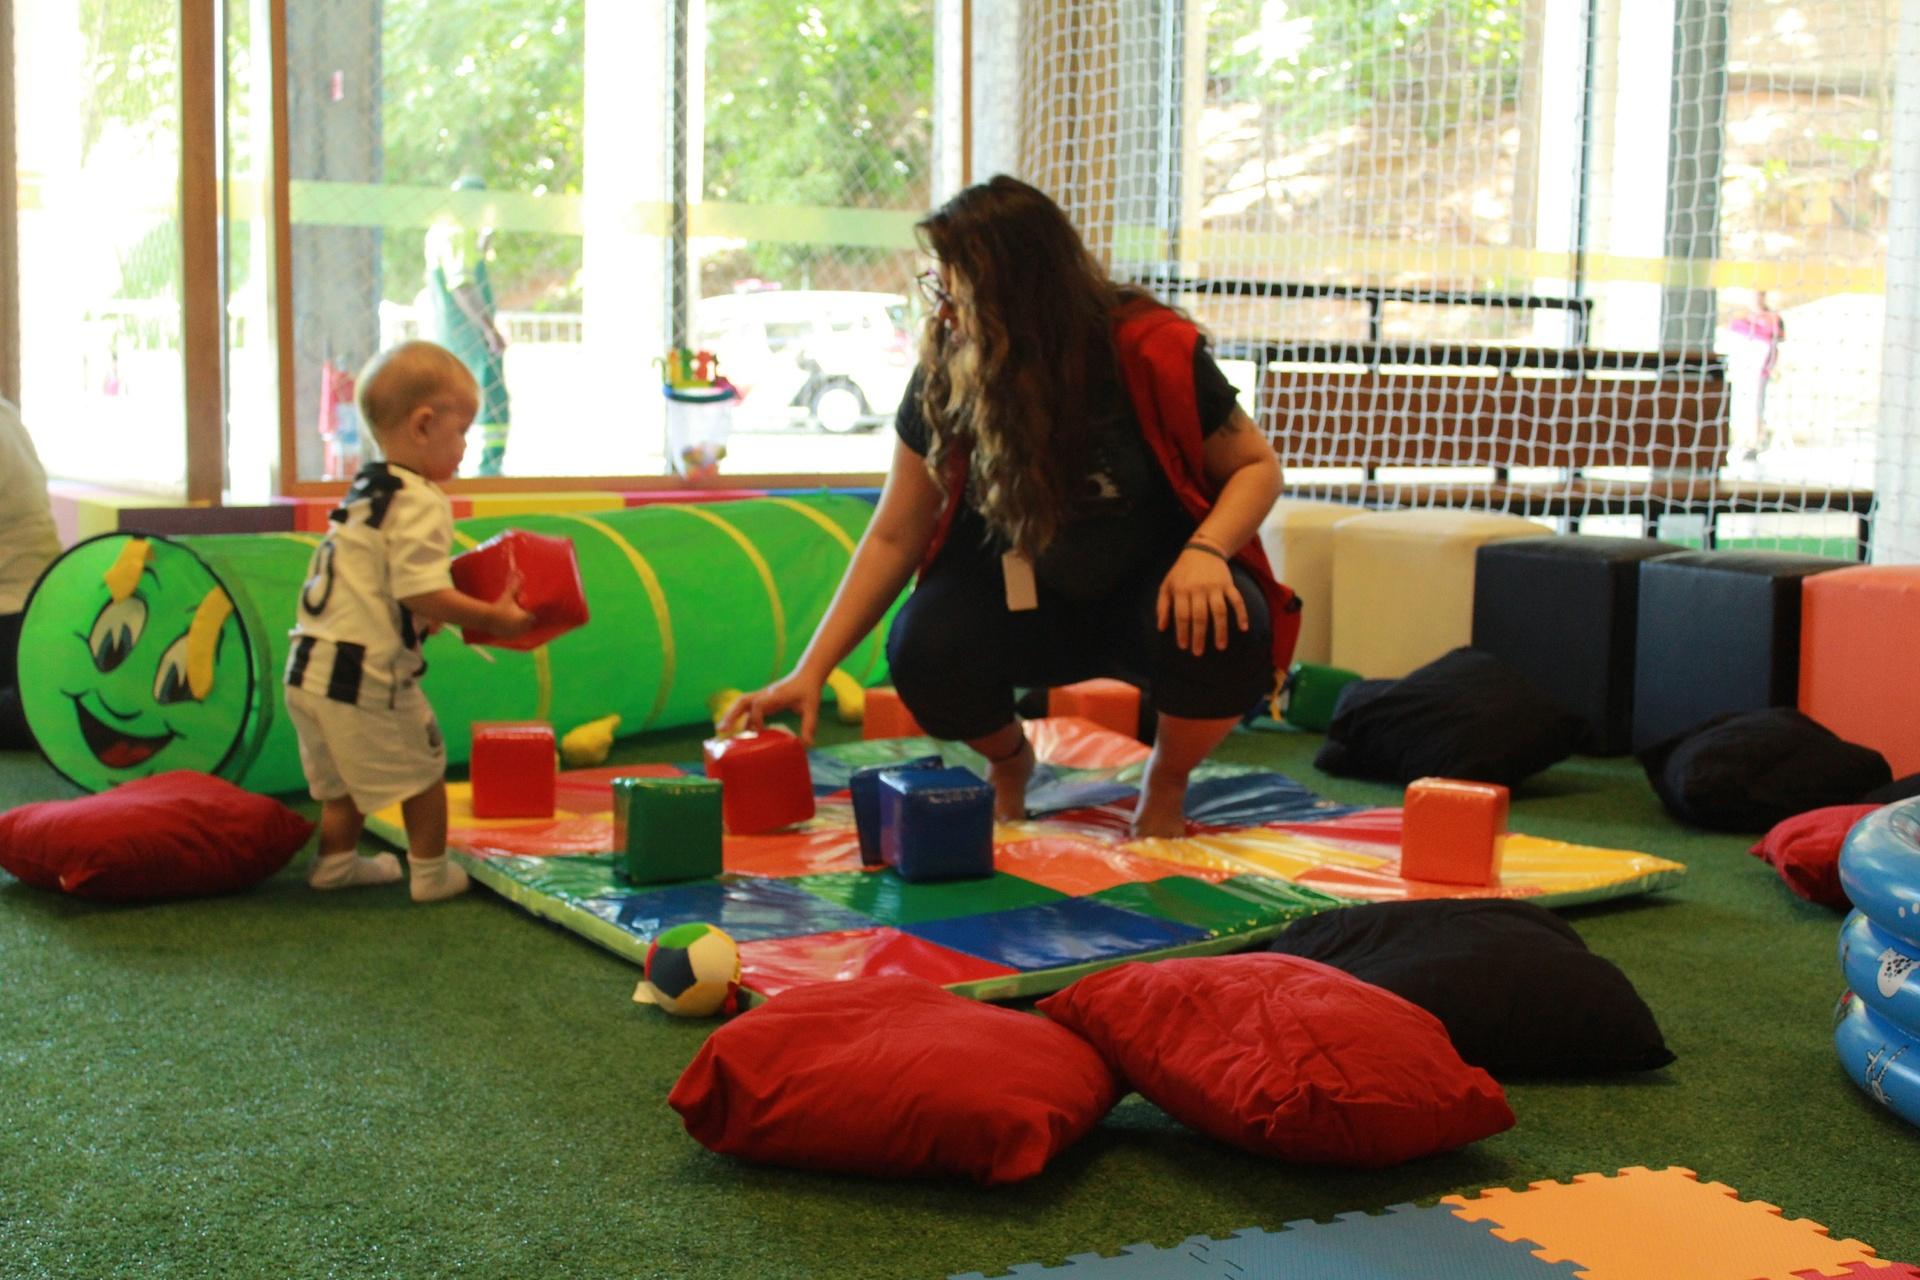 Um novo espaço de acolhida para os bebês brincarem livremente enquanto os pais aproveitam a programação do Museu.